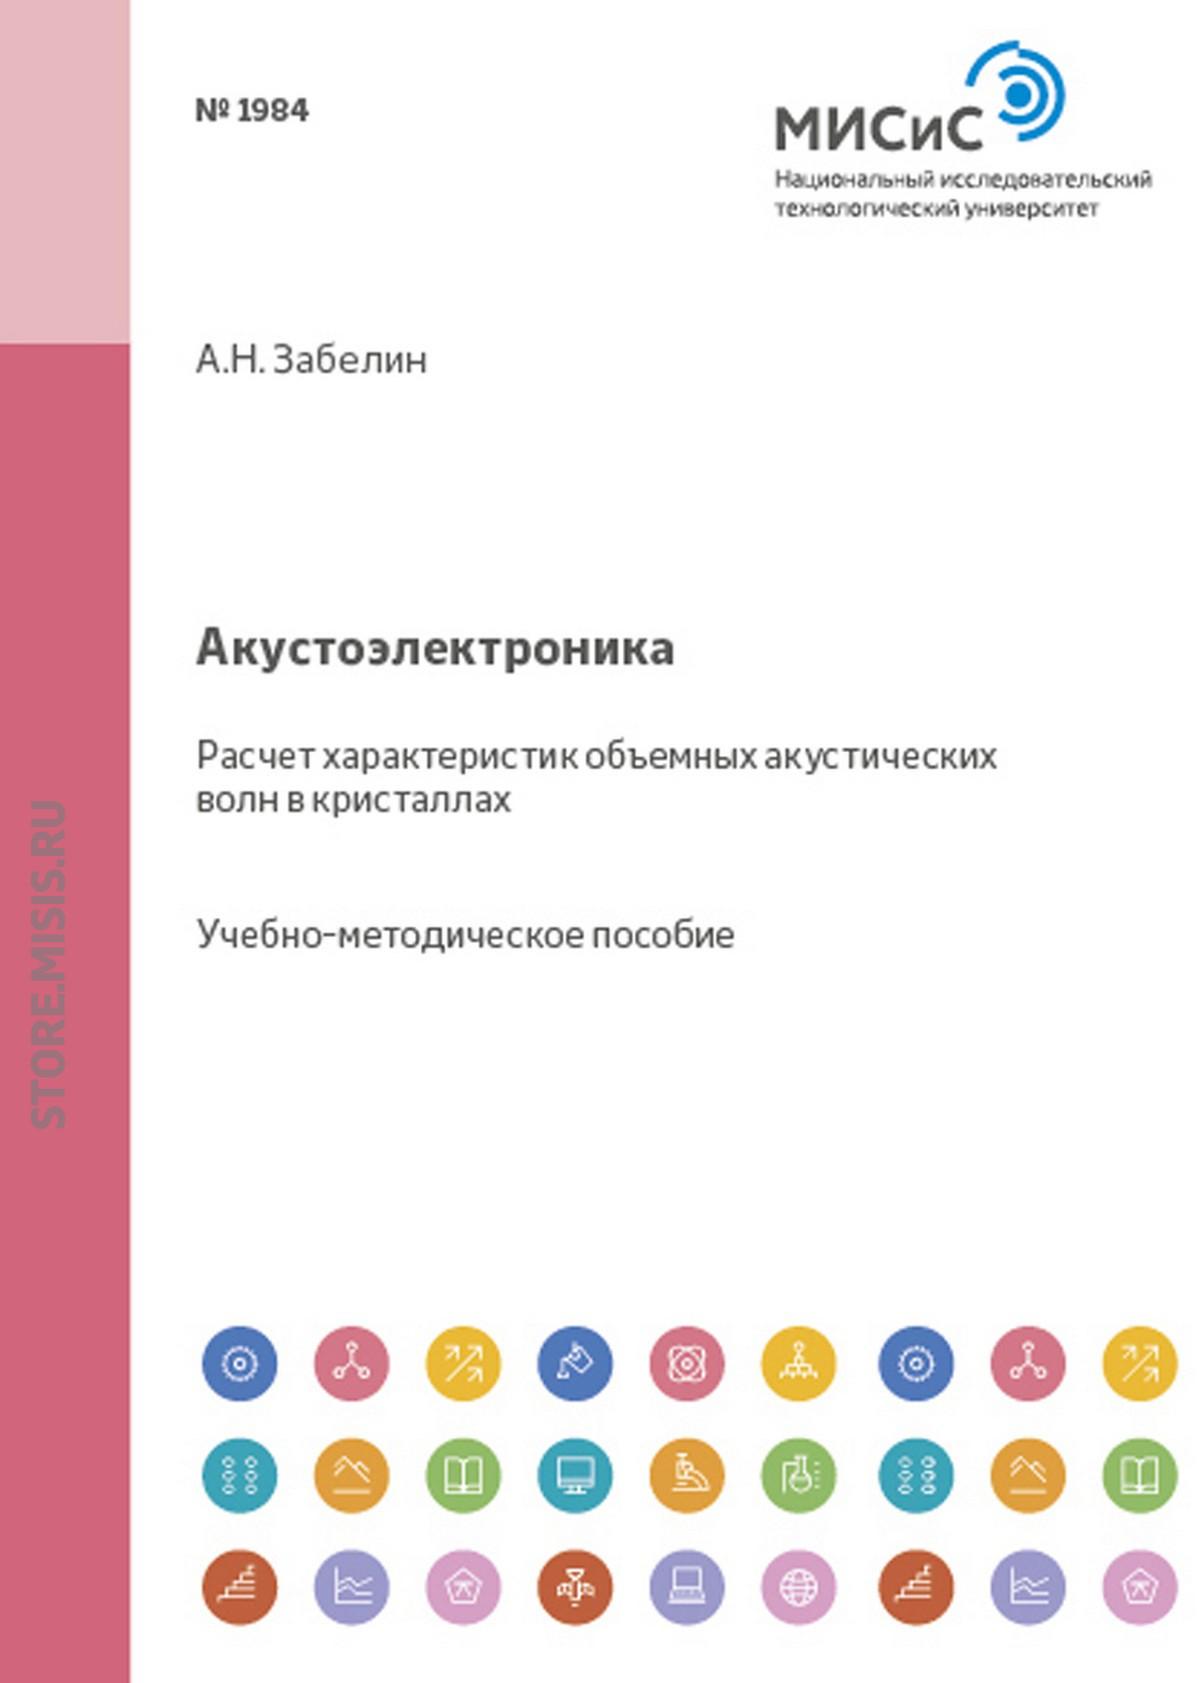 Алексей Забелин Акустоэлектроника. Расчет характеристик объемных акустических волн в кристаллах